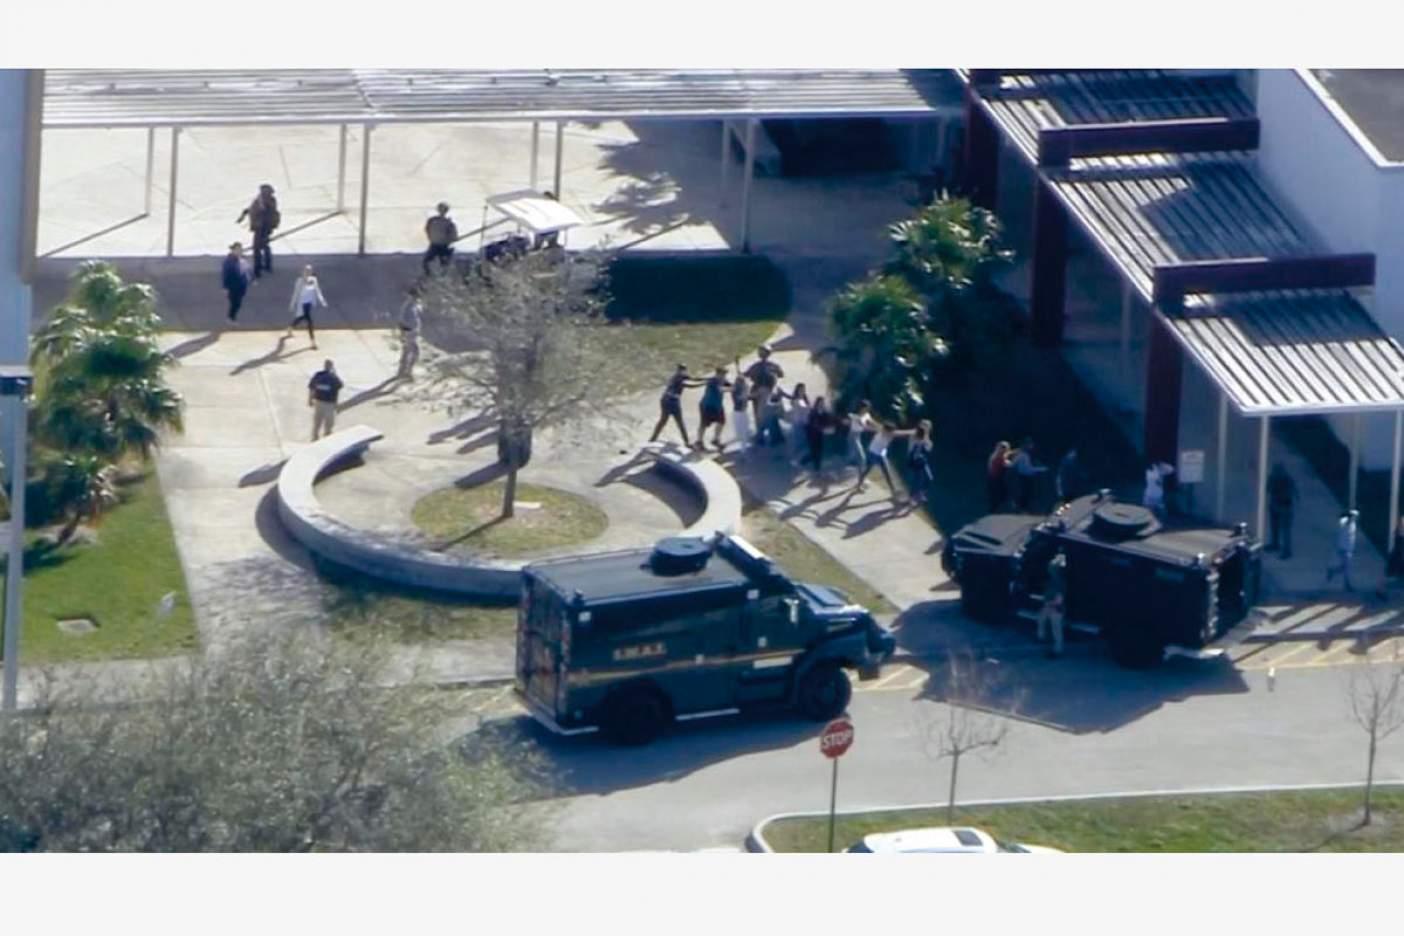 Tiroteo en Florida: Fuertes imágenes del interior de la escuela